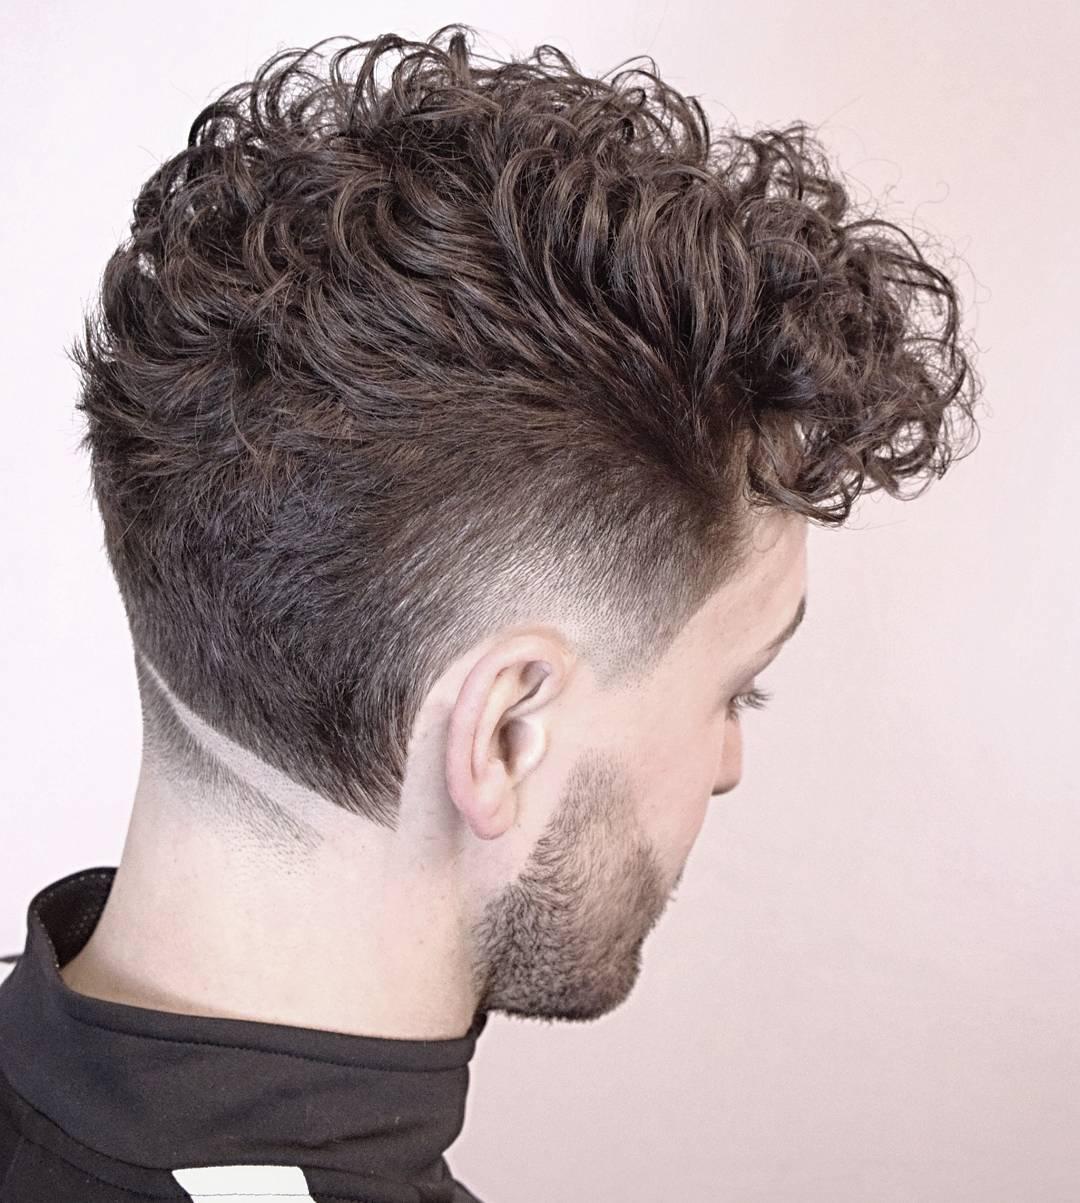 Latest 2018 Popular Neckline Hair Design Men S Hairstyles